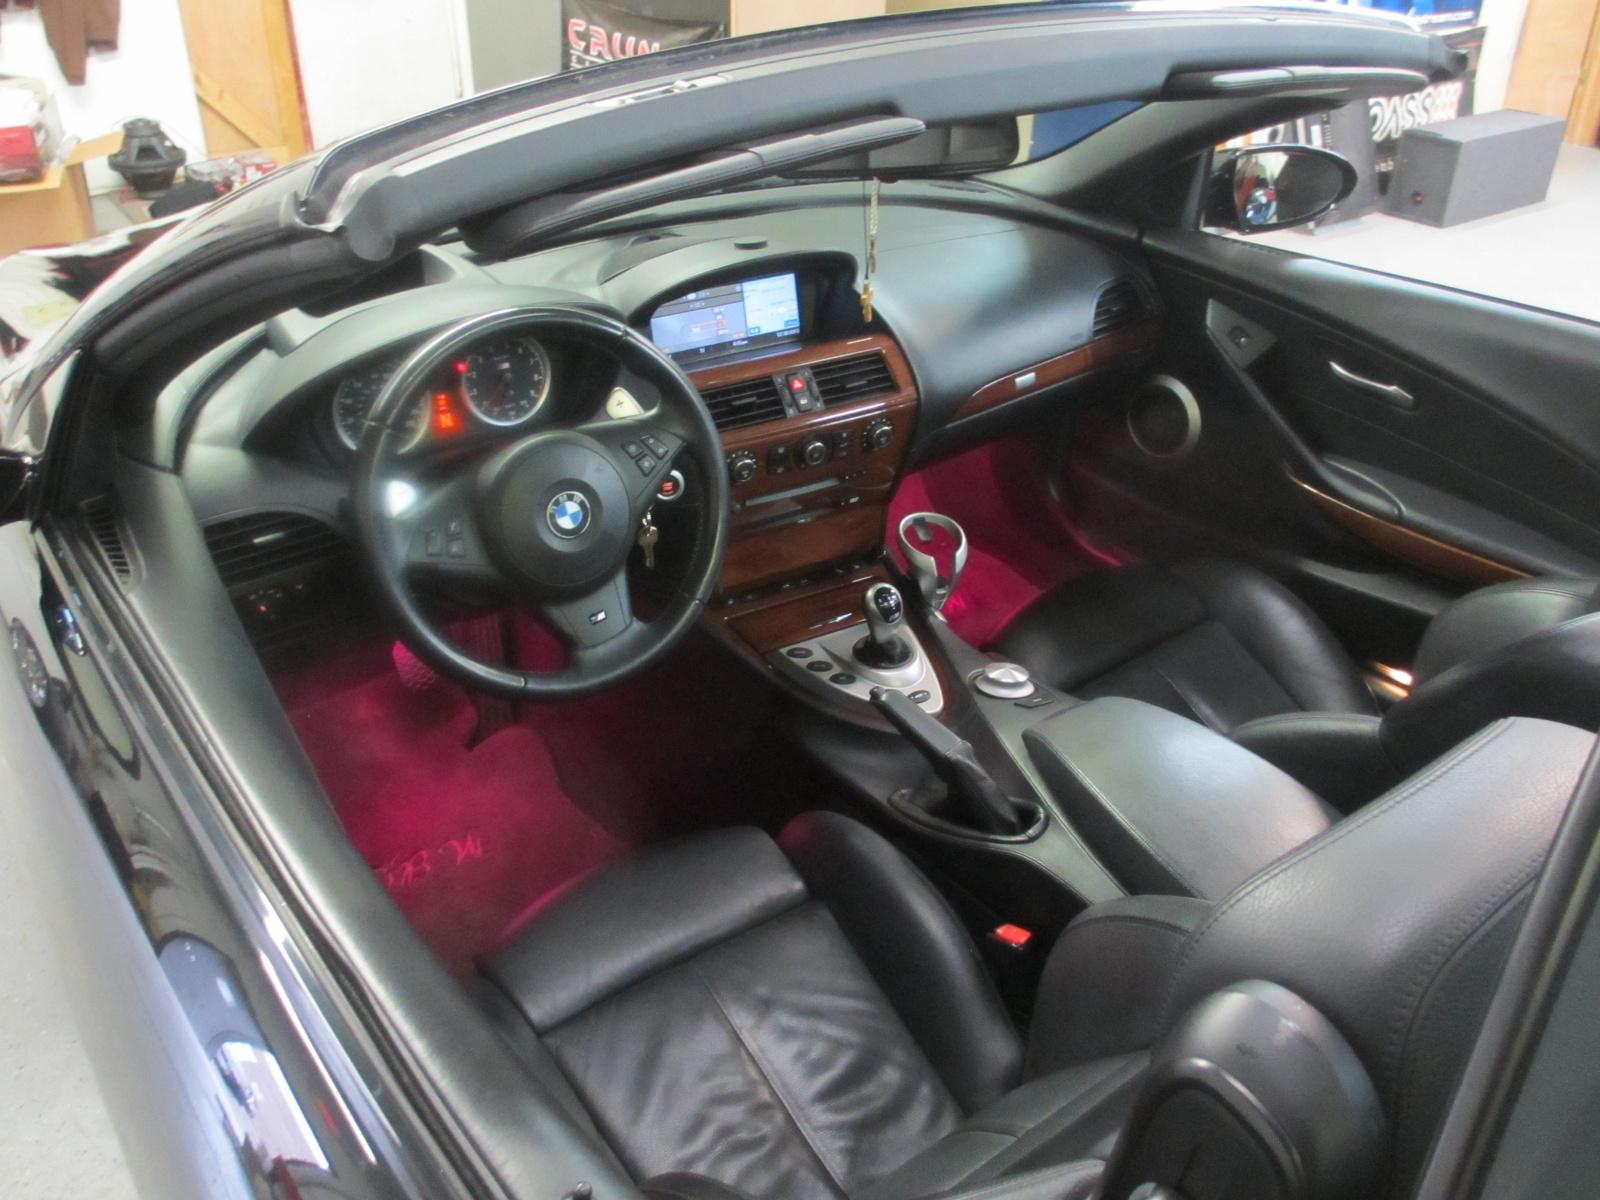 2007 Bmw M6 Interior Pictures Cargurus